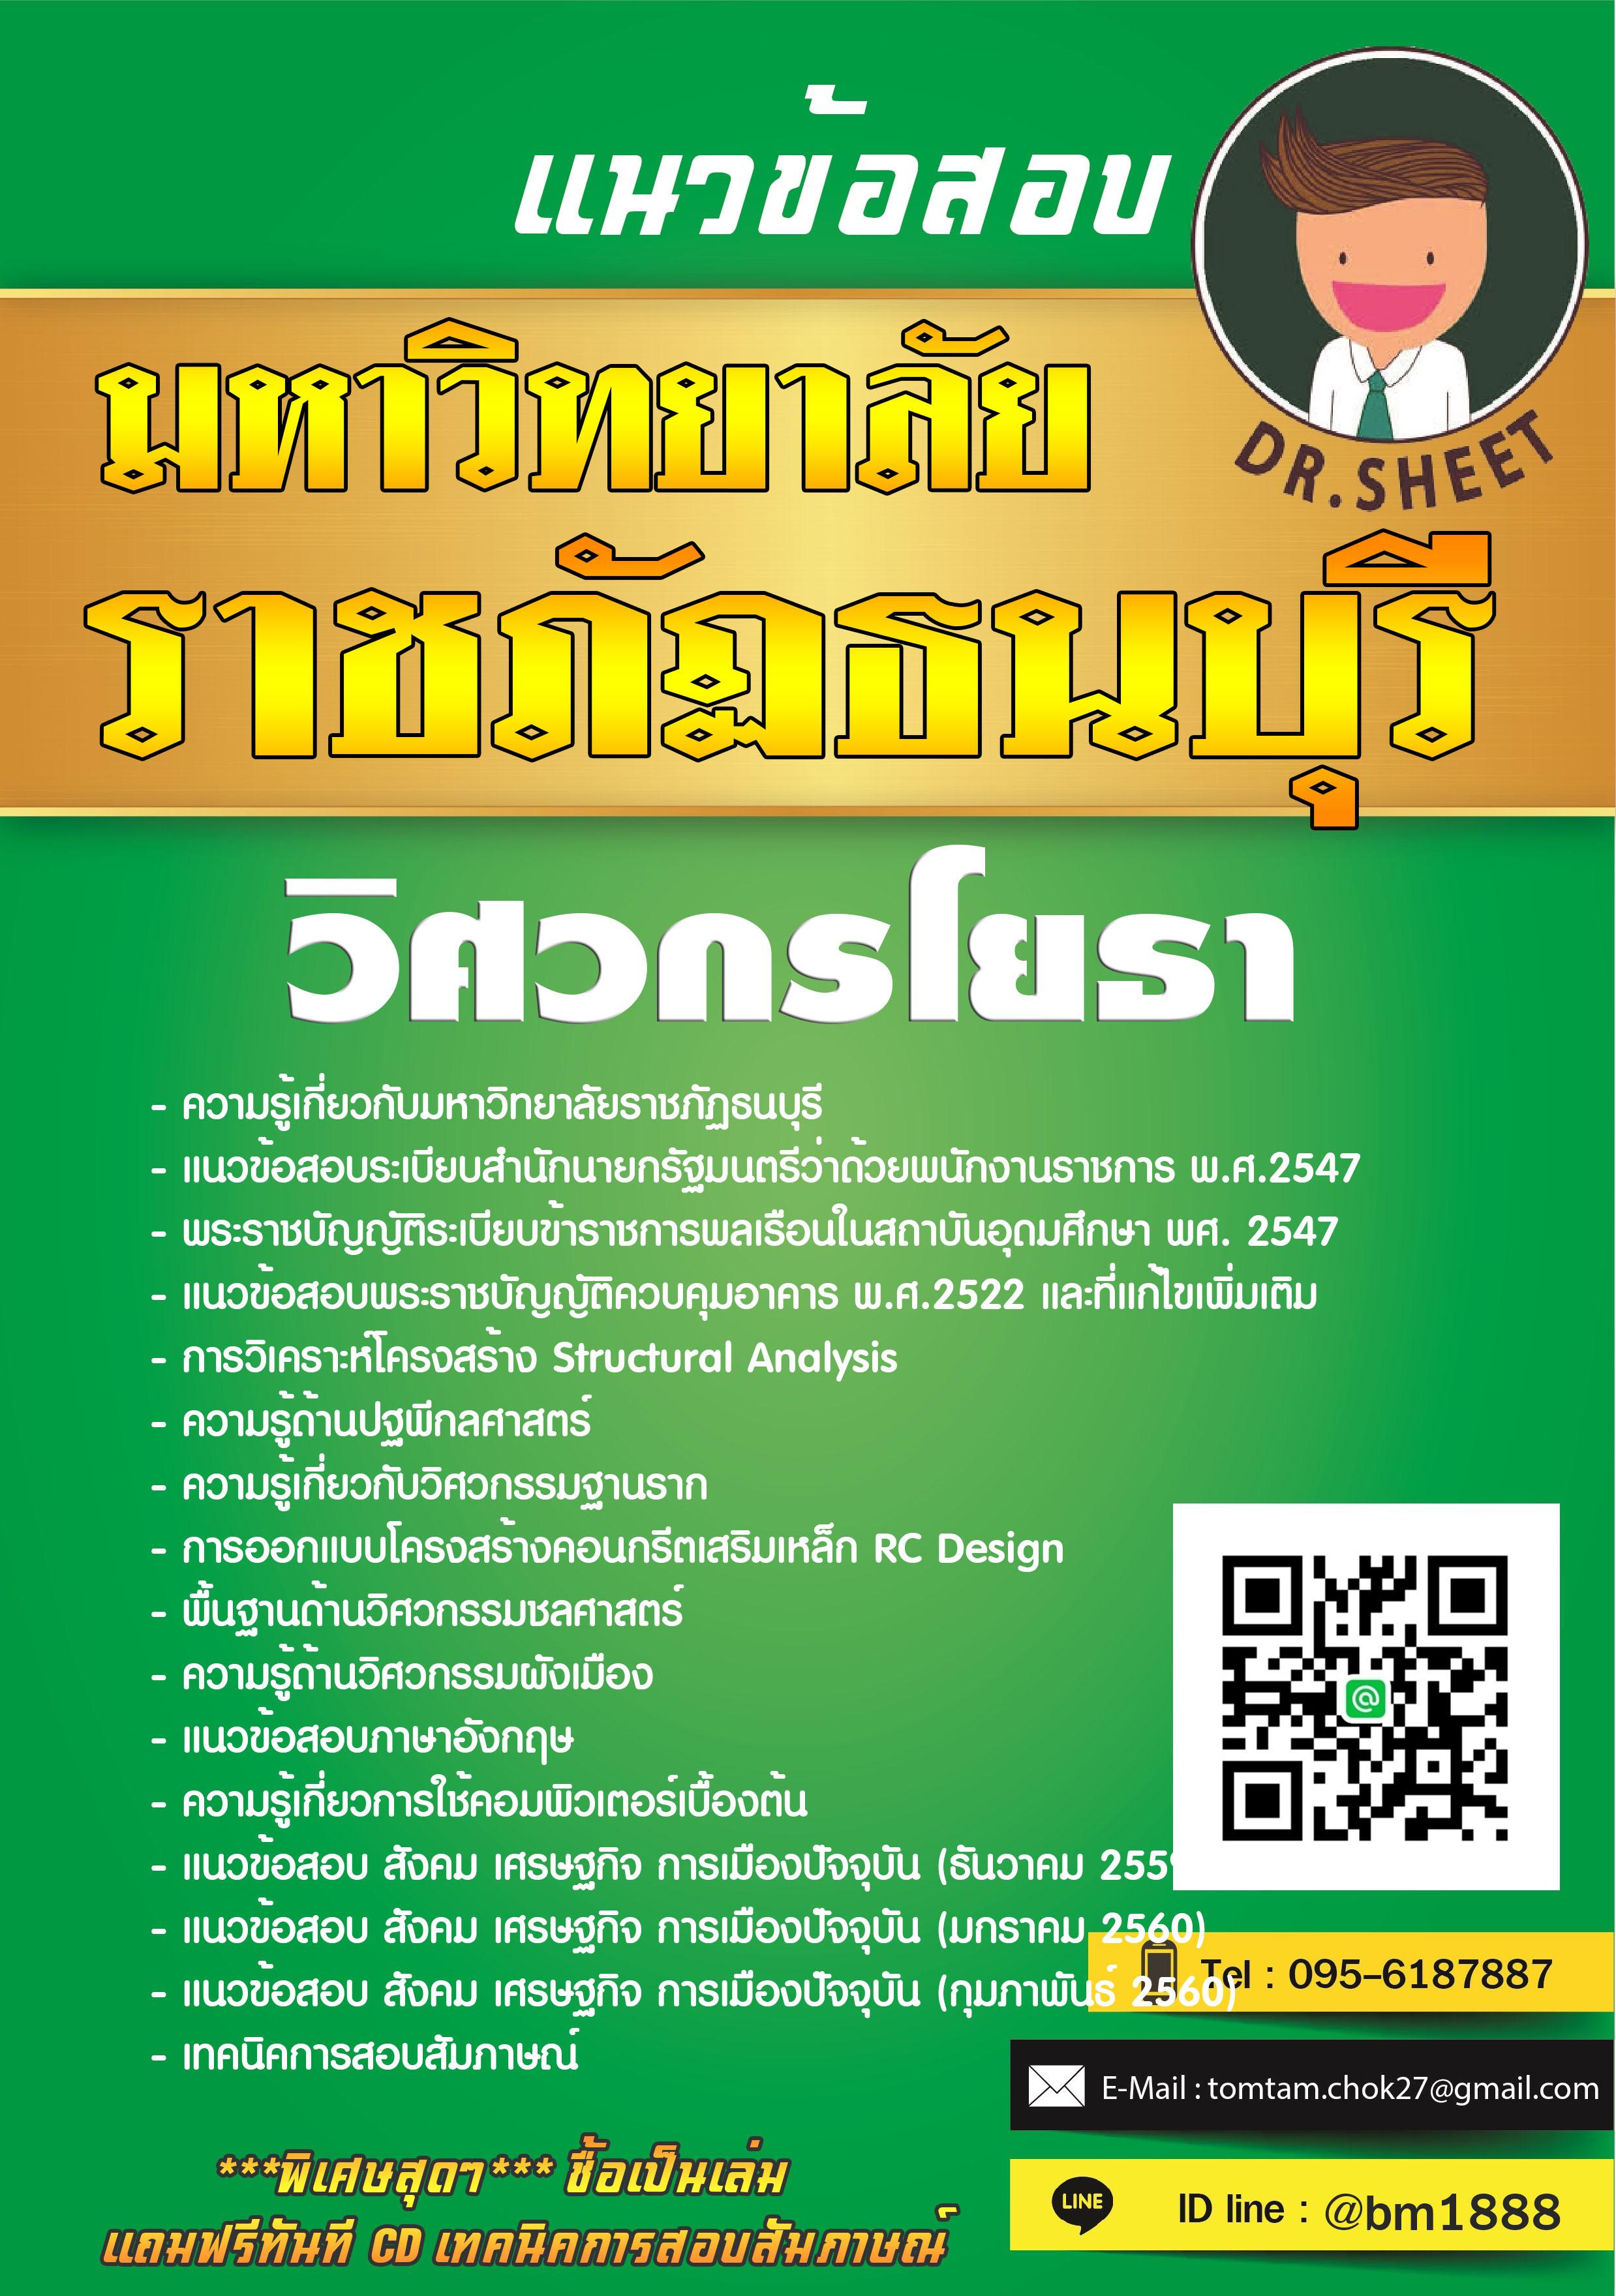 แนวข้อสอบ วิศวกรโยธา มหาวิทยาลัยราชภัฏธนบุรี